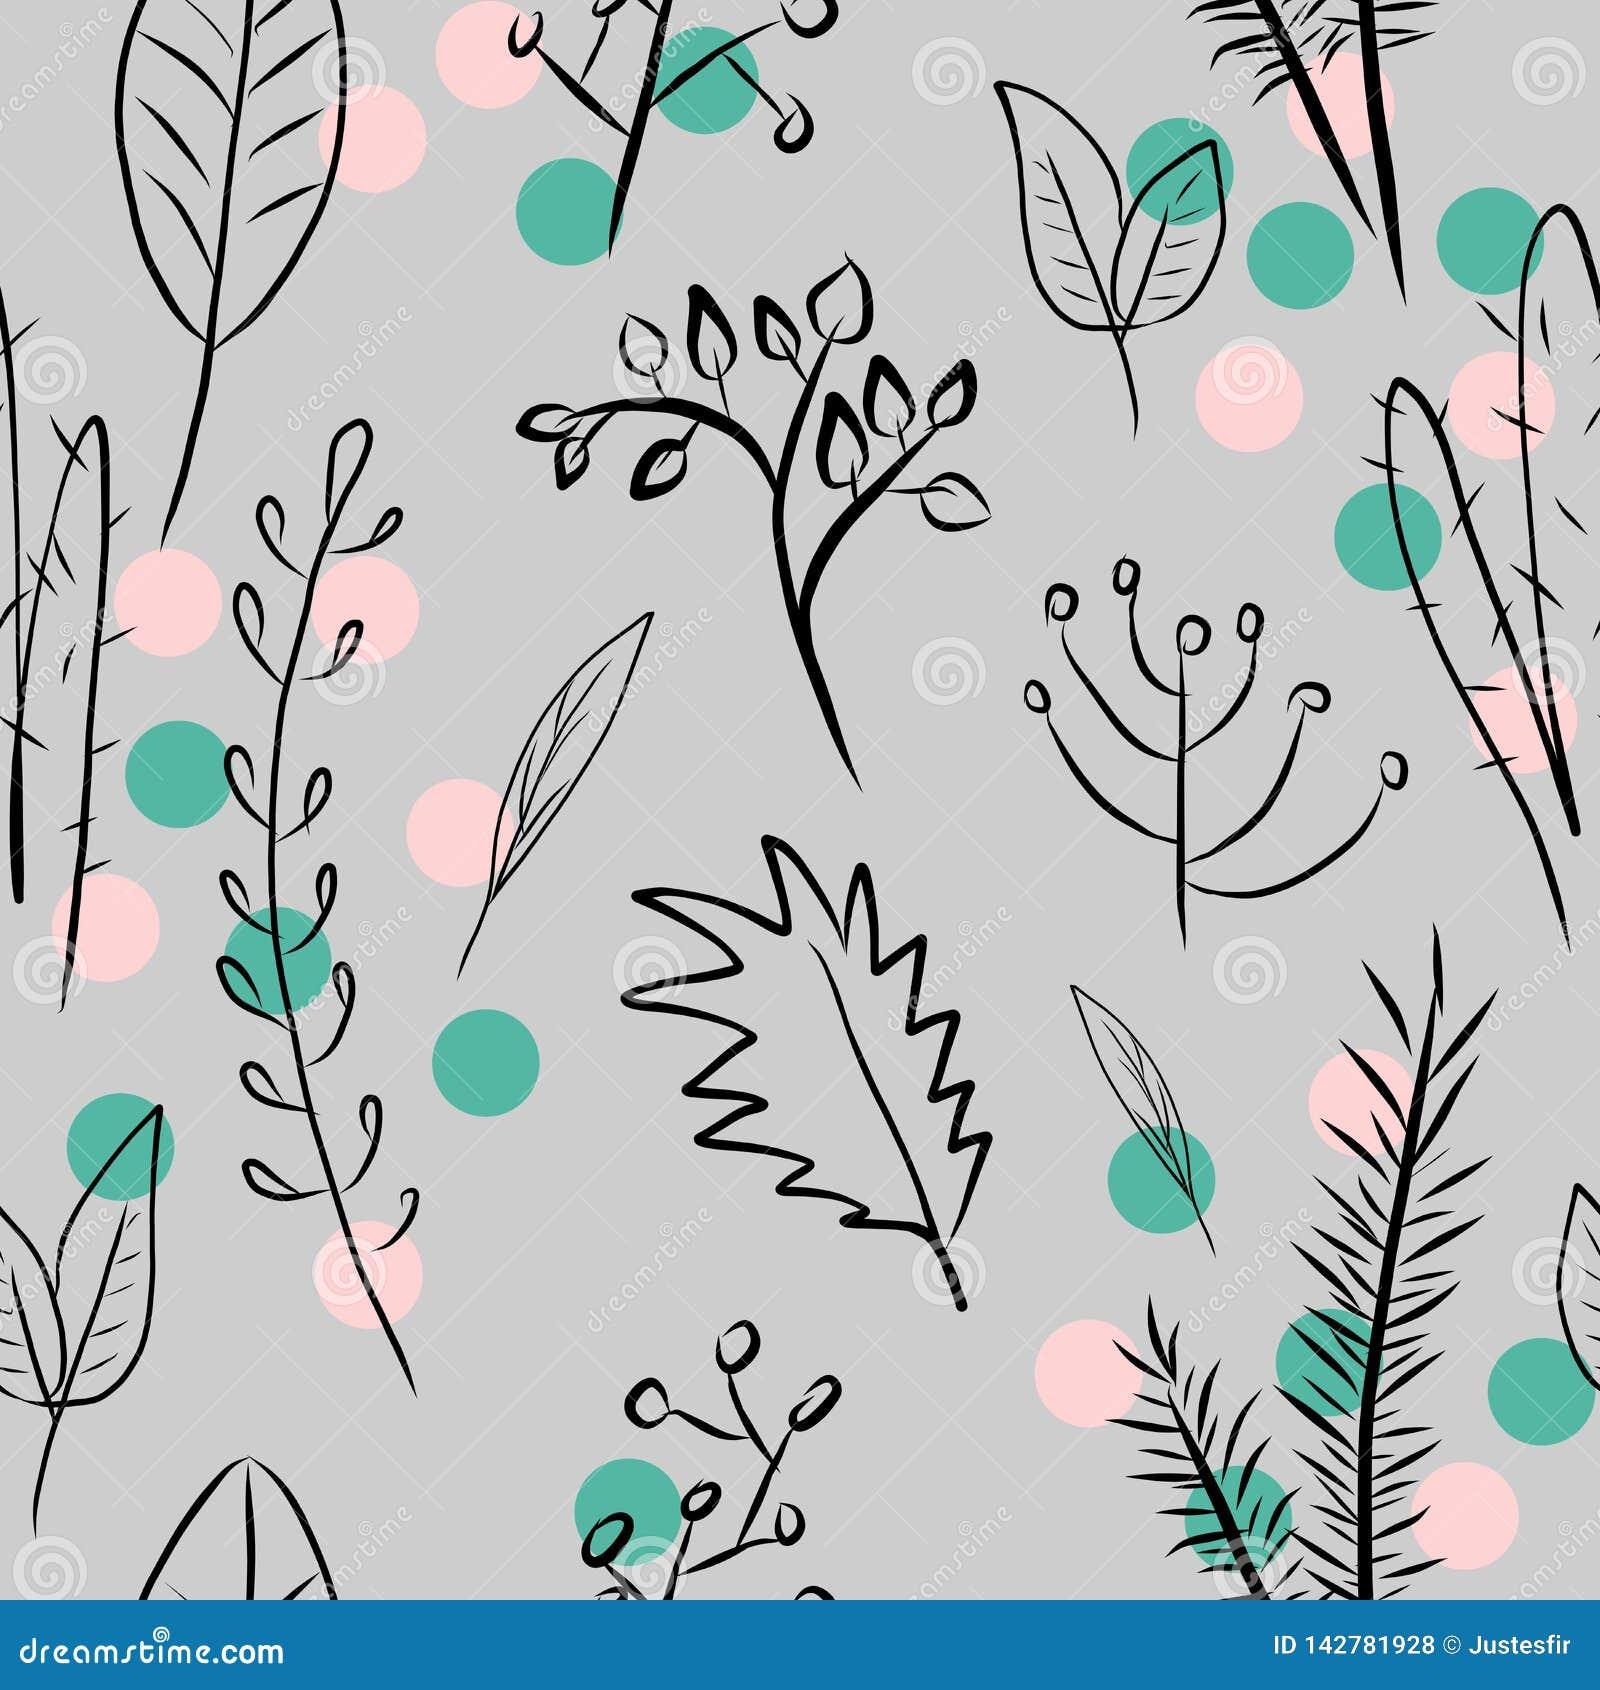 6471 Digital Plants Stock Illustrations Vectors Clipart Dreamstime